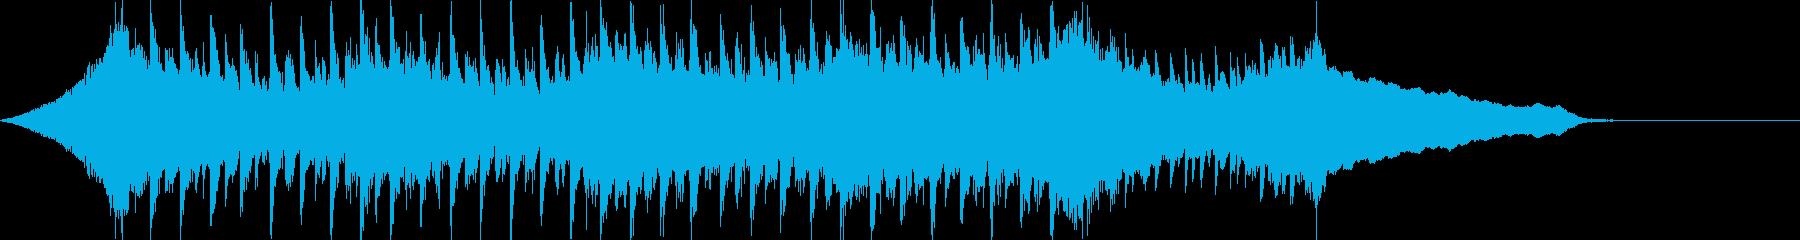 企業VP系94、爽やか、シンセ、前向きcの再生済みの波形